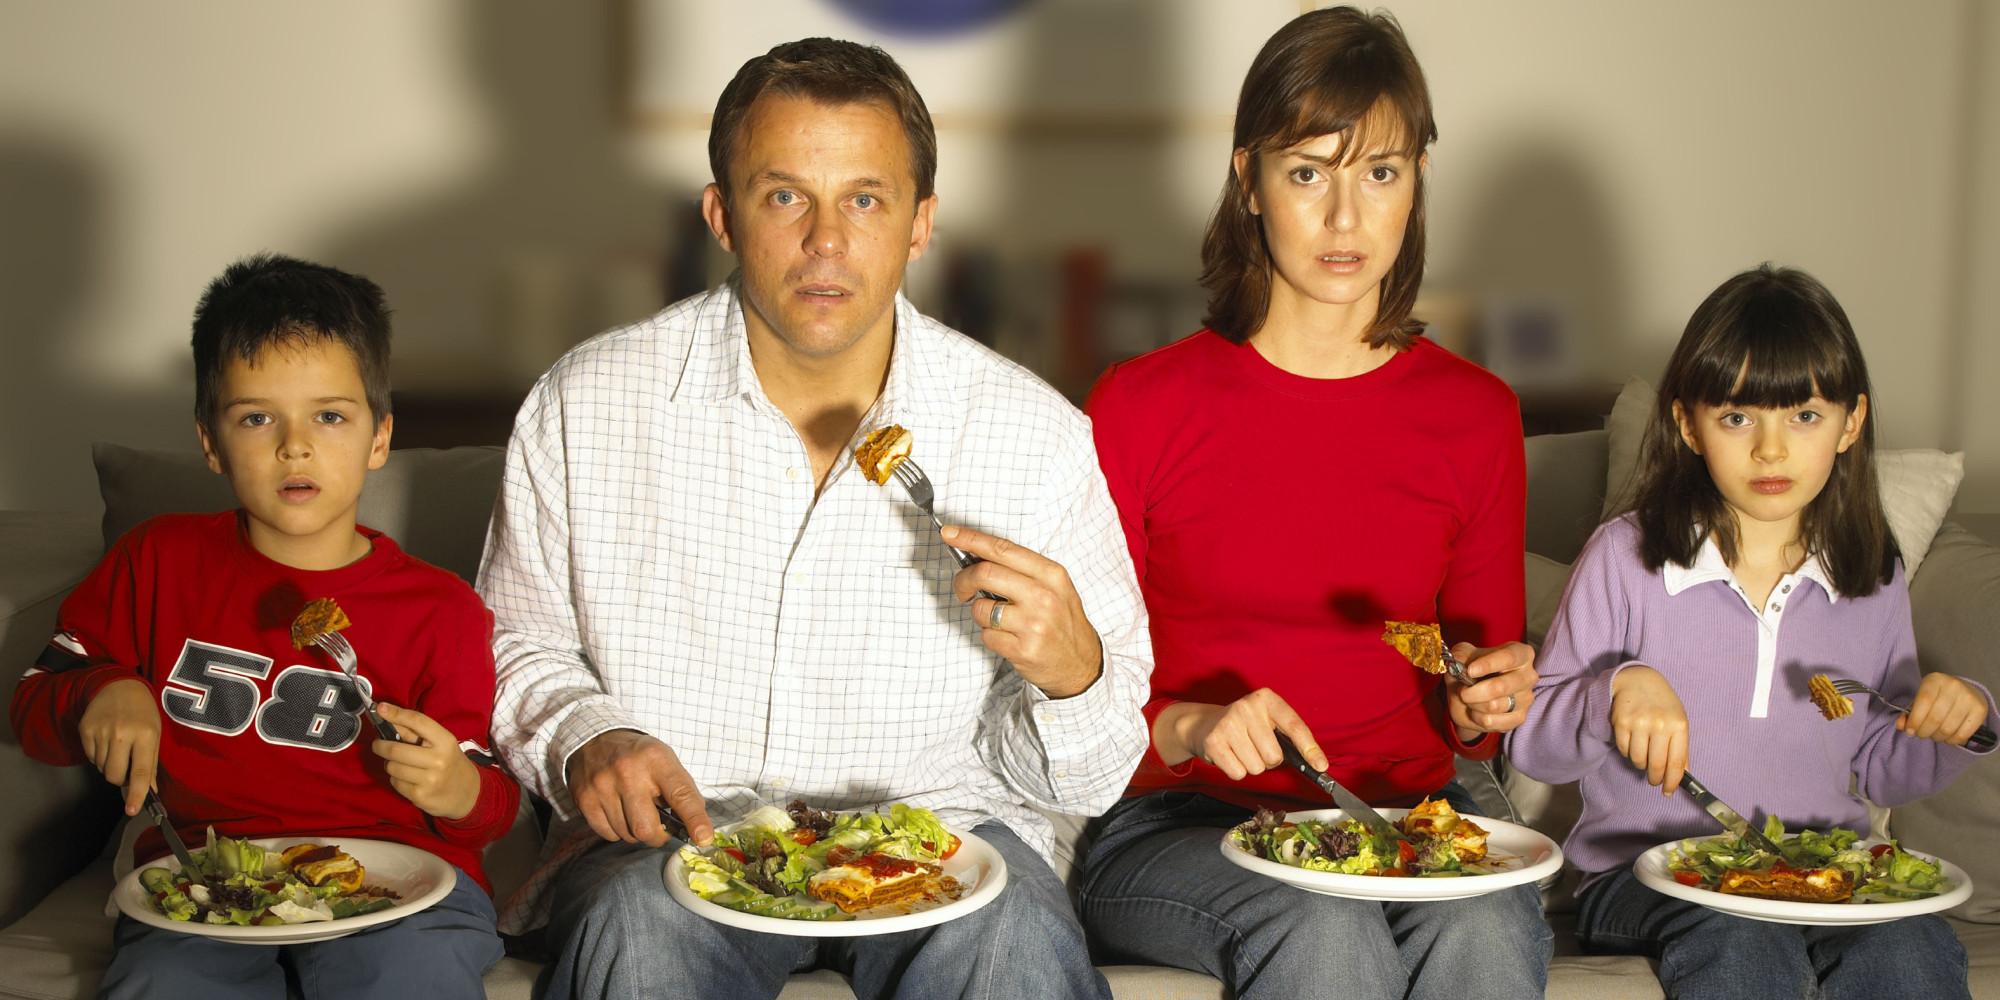 nation 39 s eating habits revealed we still eat together. Black Bedroom Furniture Sets. Home Design Ideas